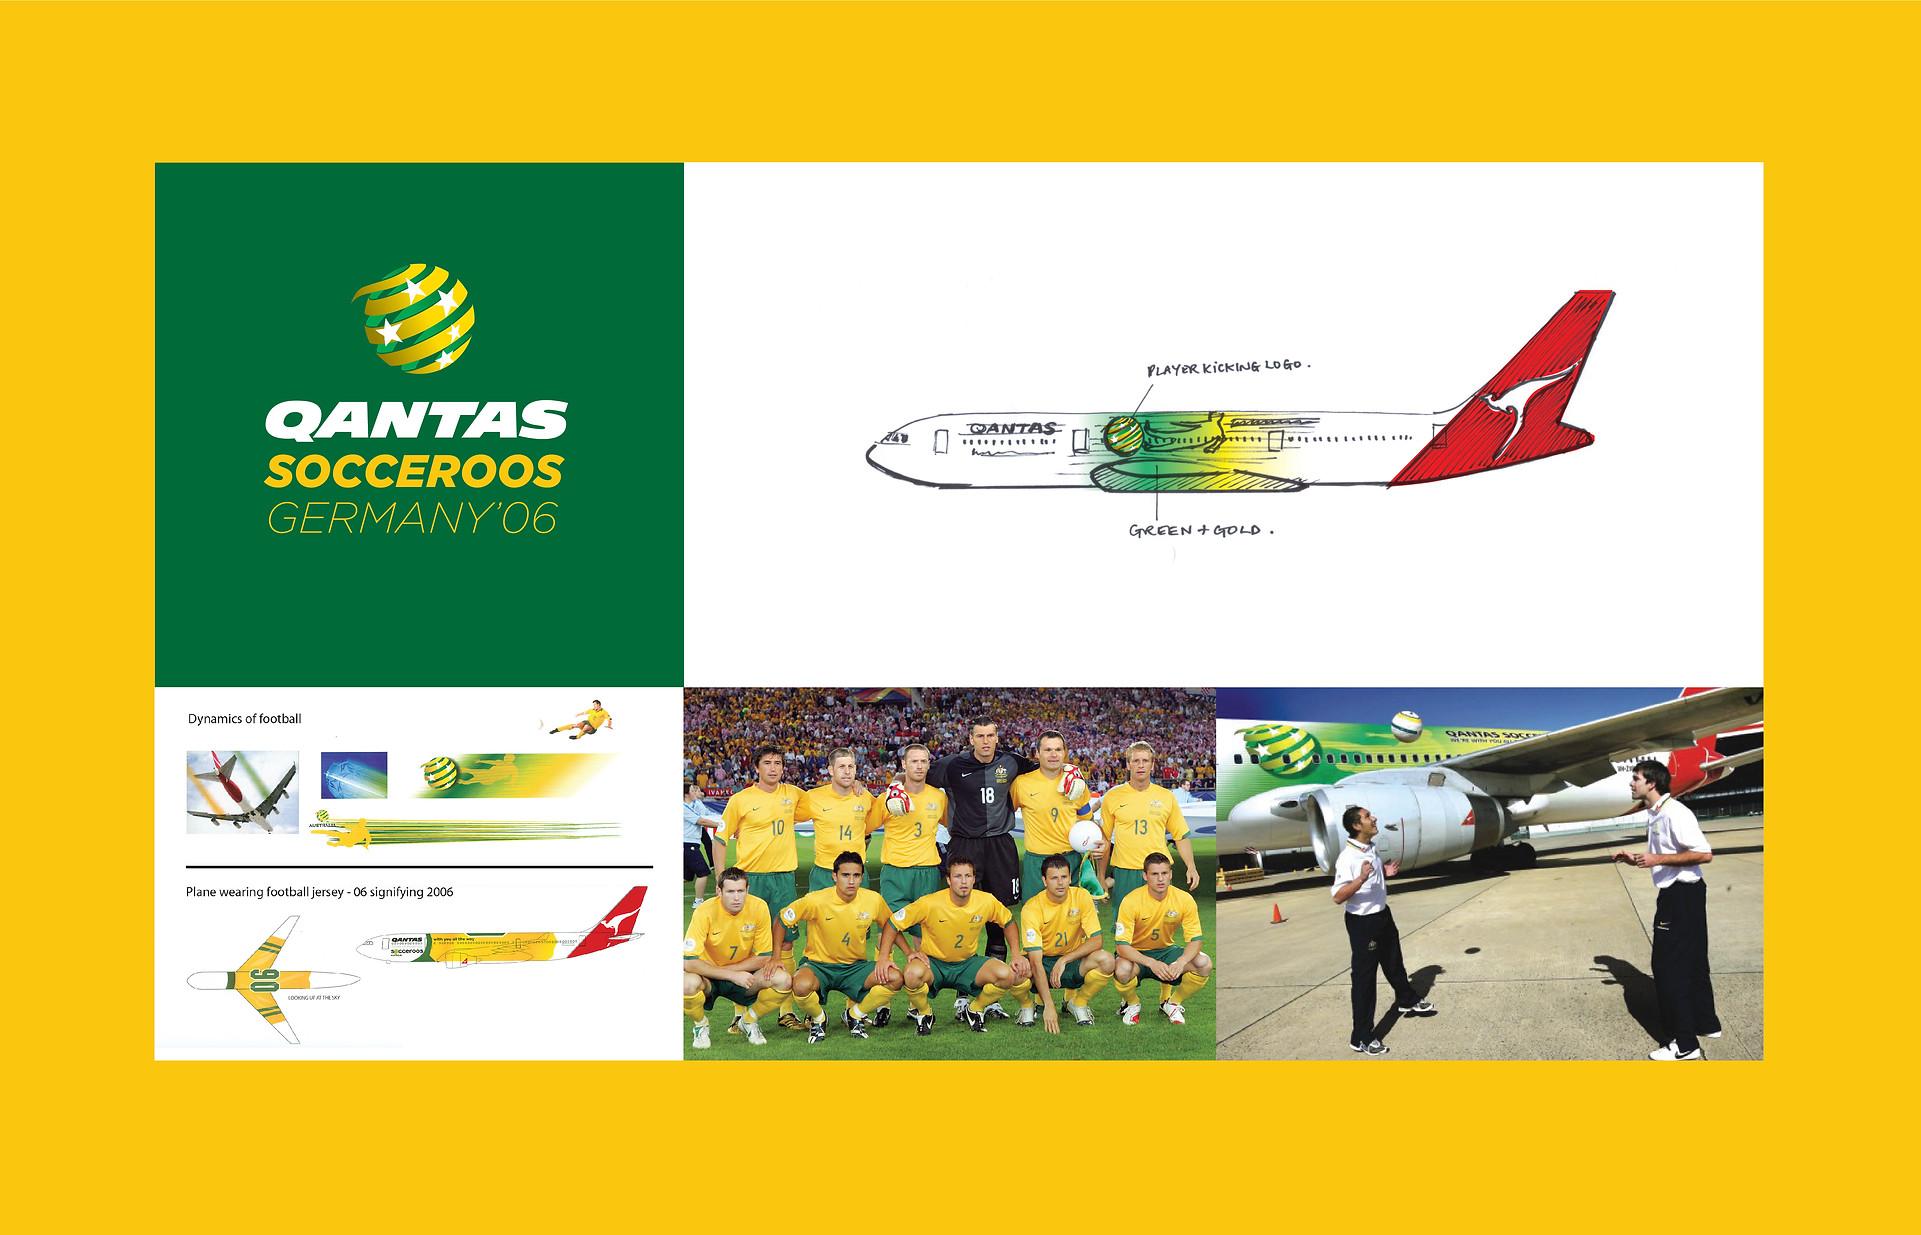 QANTAS_Socceroos_v2-04.jpg